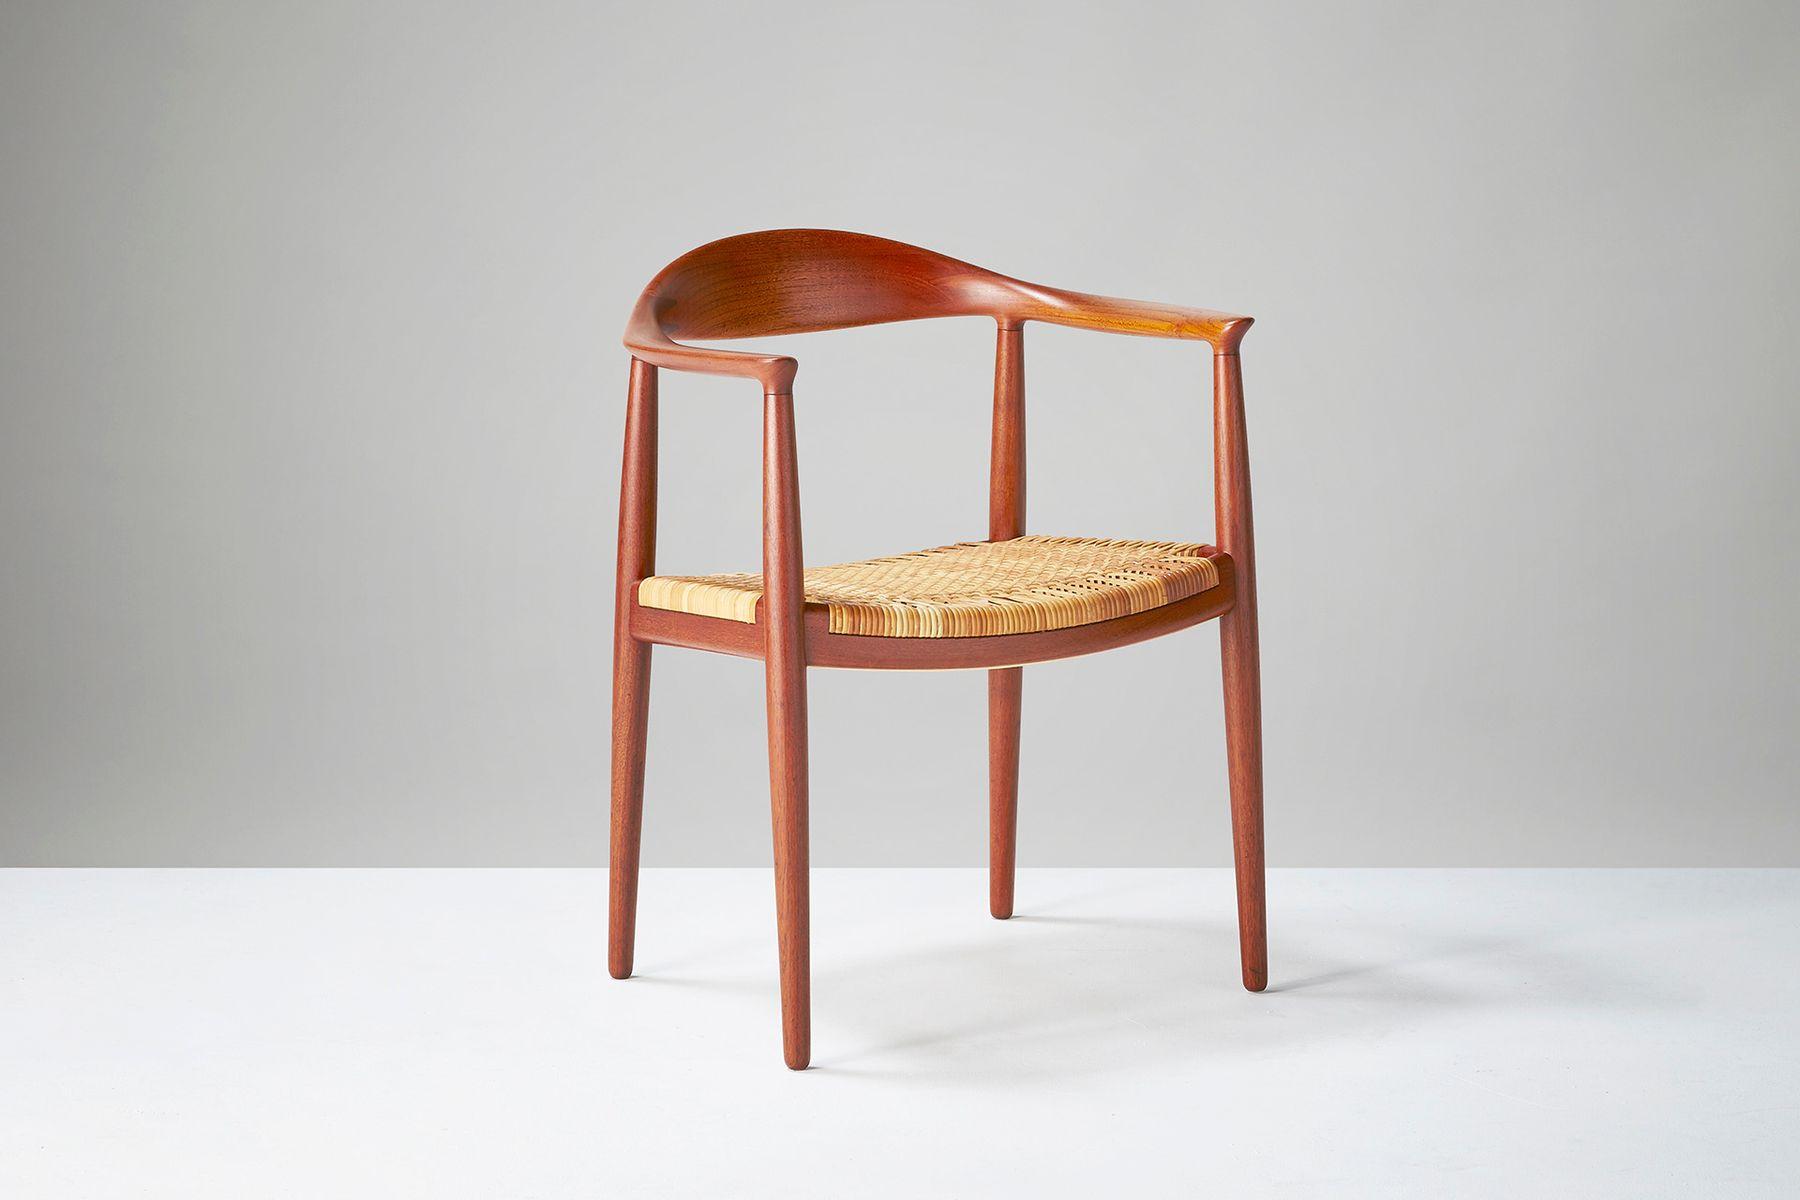 Vintage JH 501 The Chair by Hans J Wegner for Johannes Hansen for